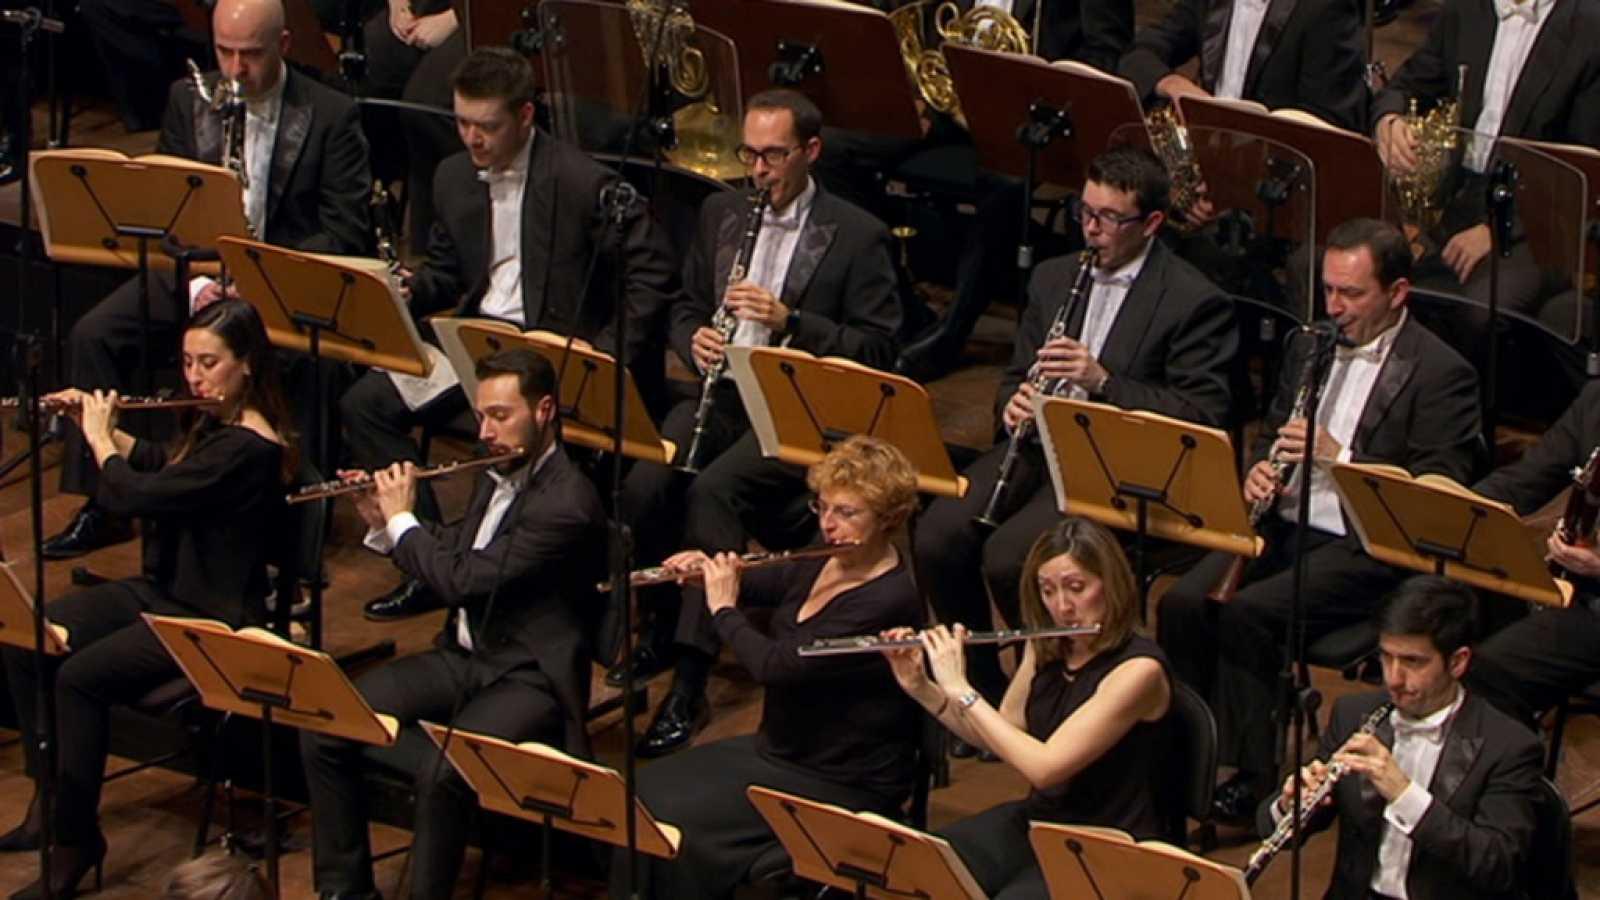 Concierto del mes: Homenaje a las víctimas del terrorismo por la Orquesta de RTVE y Pablo Heras-Casado